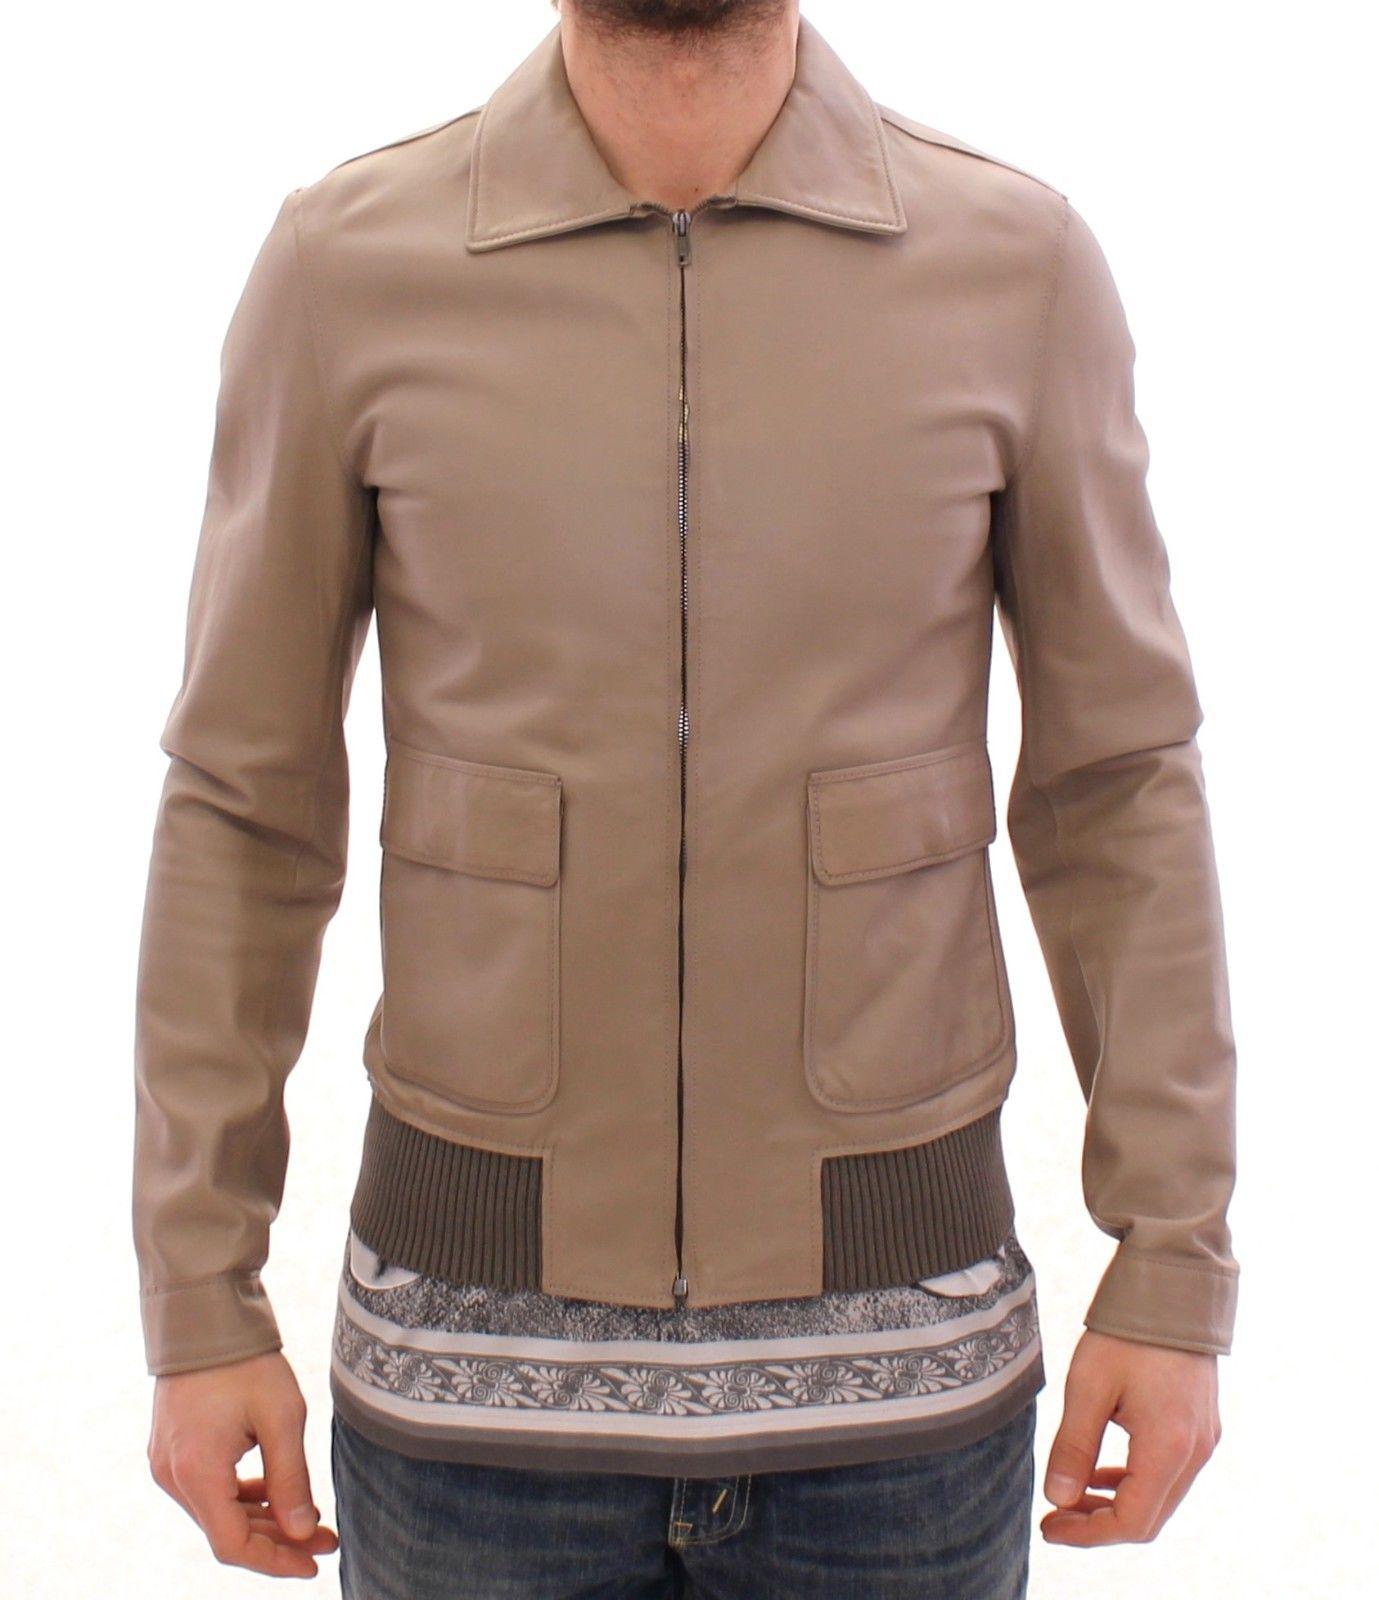 Dolce & Gabbana Men's Biker Leather Jacket Beige GSD12727 - IT52   XL